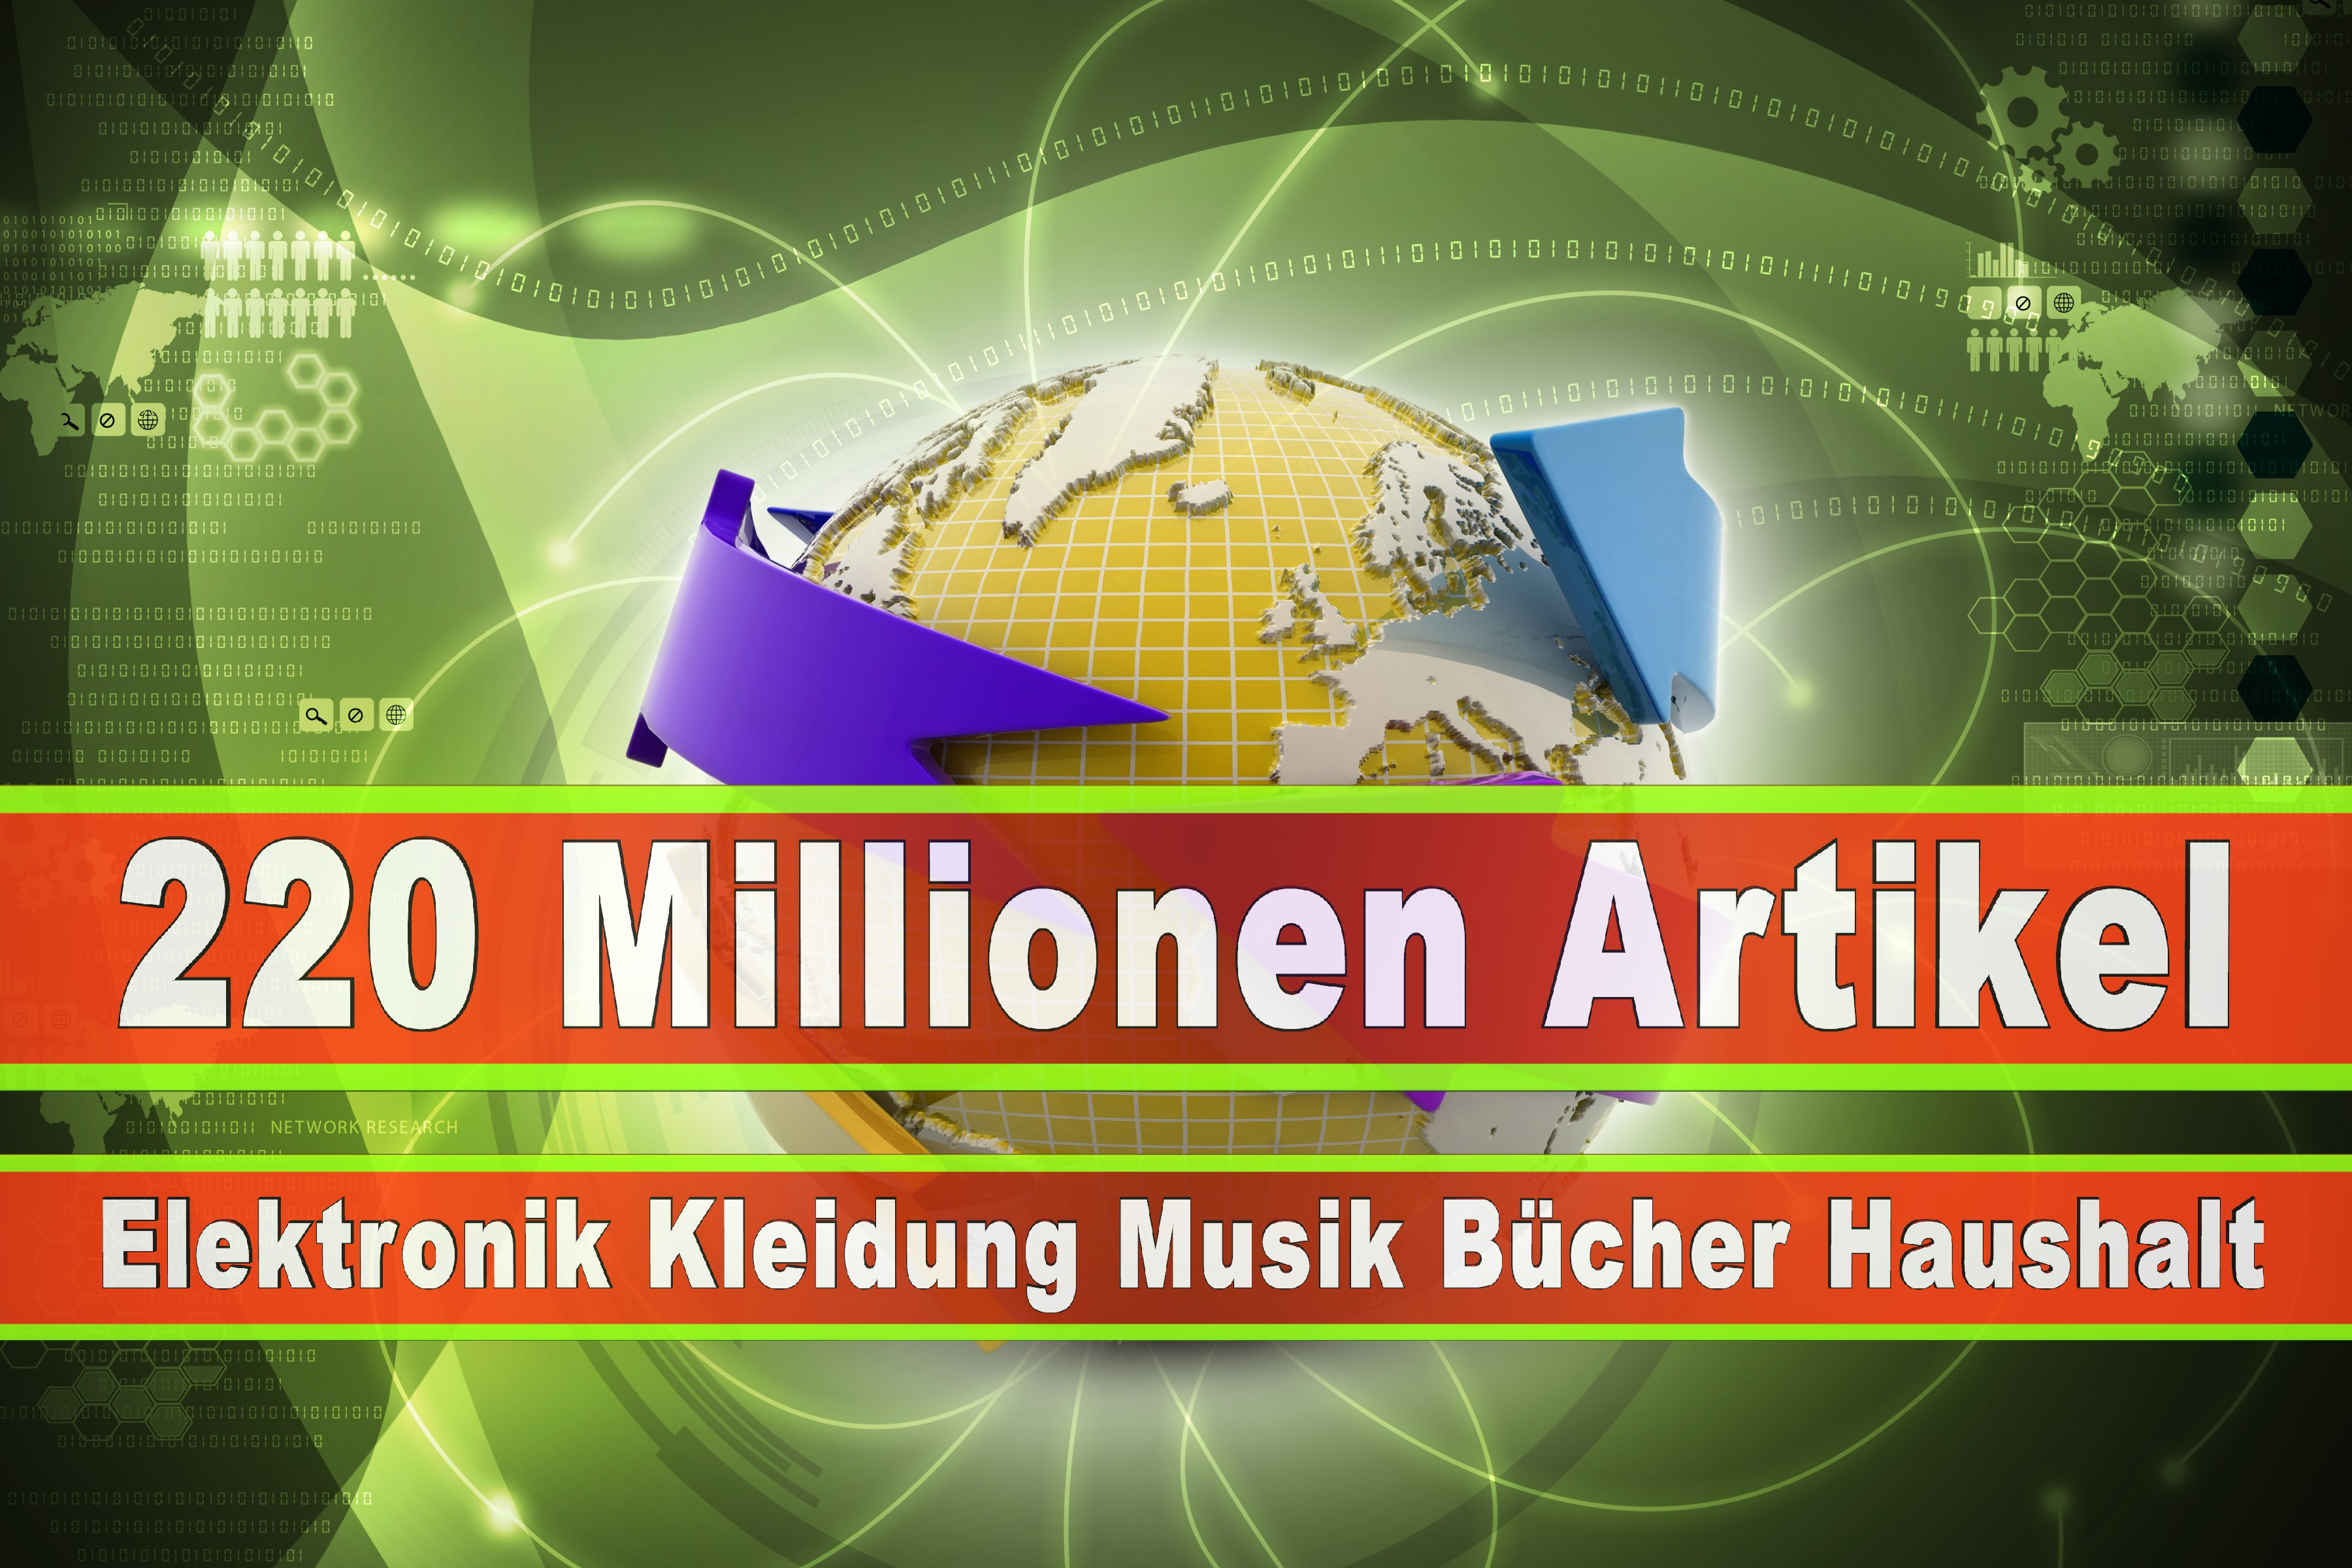 Amazon Elektronik Musik Haushalt Bücher CD DVD Handys Smartphones TV Television Fernseher Kleidung Mode Ebay (43)